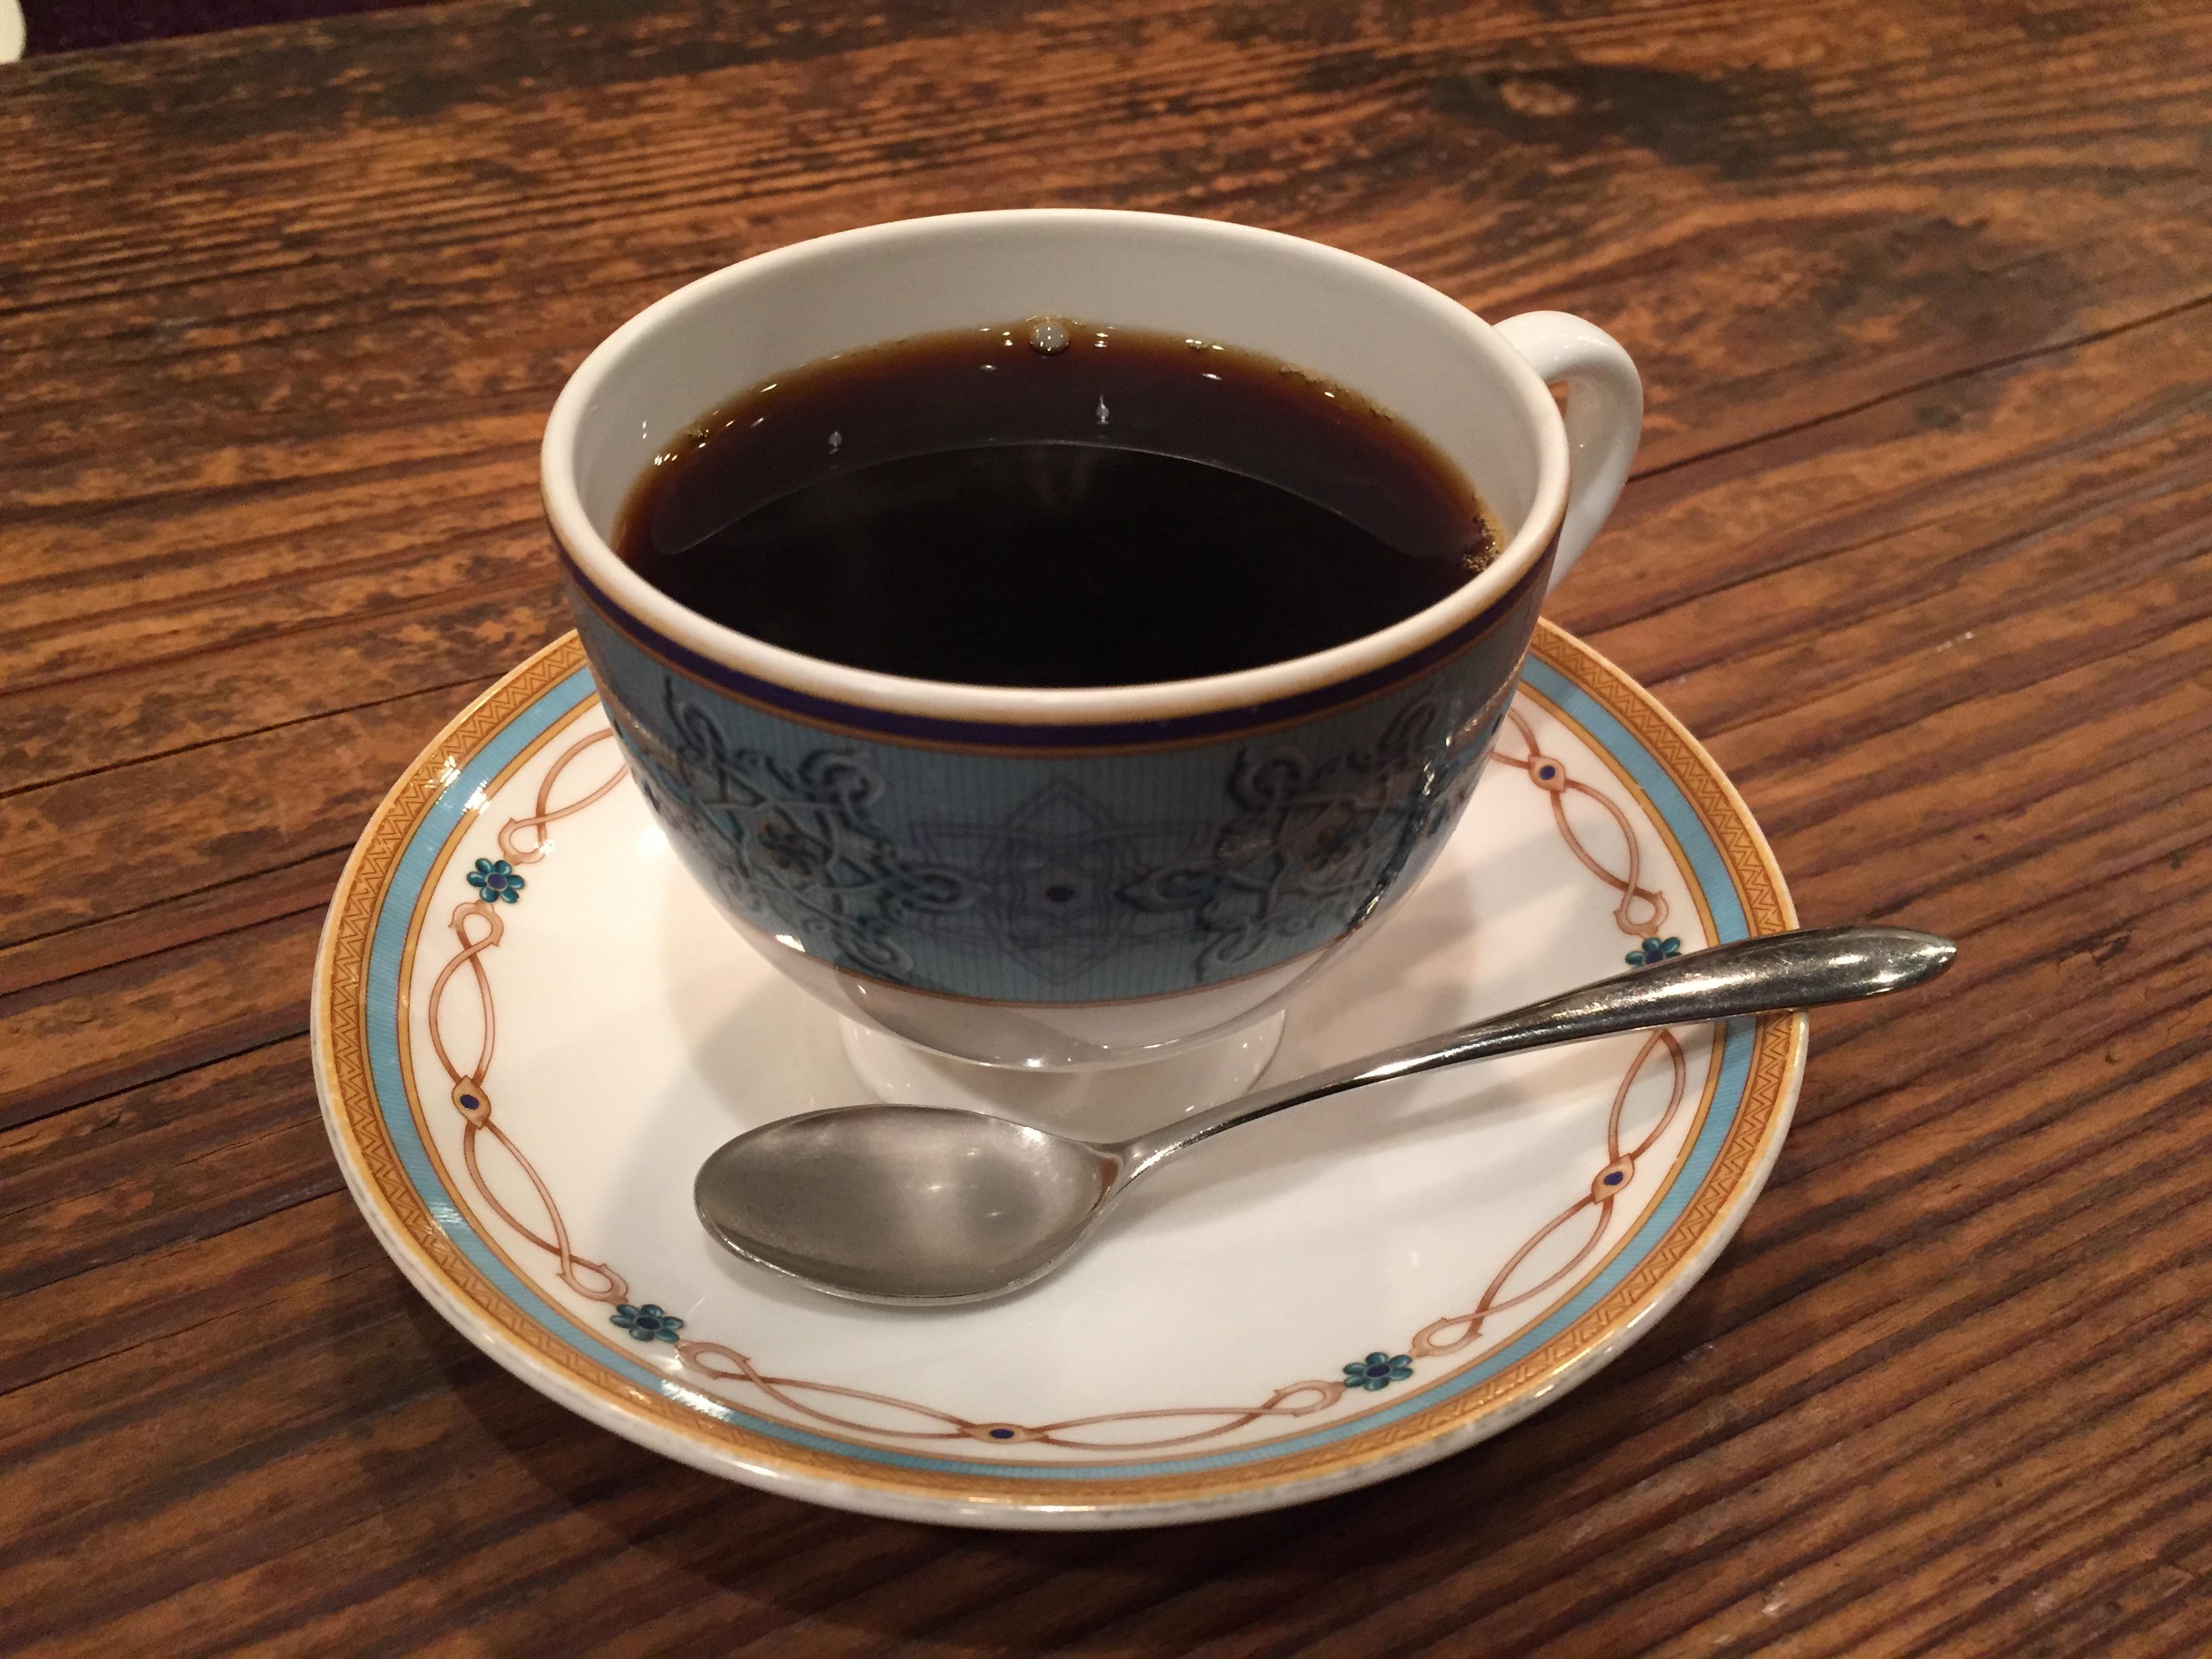 ブルーボトルがあまりに混んでるので、創業者が世界で一番愛する喫茶店、渋谷 茶亭羽當でお茶してきた